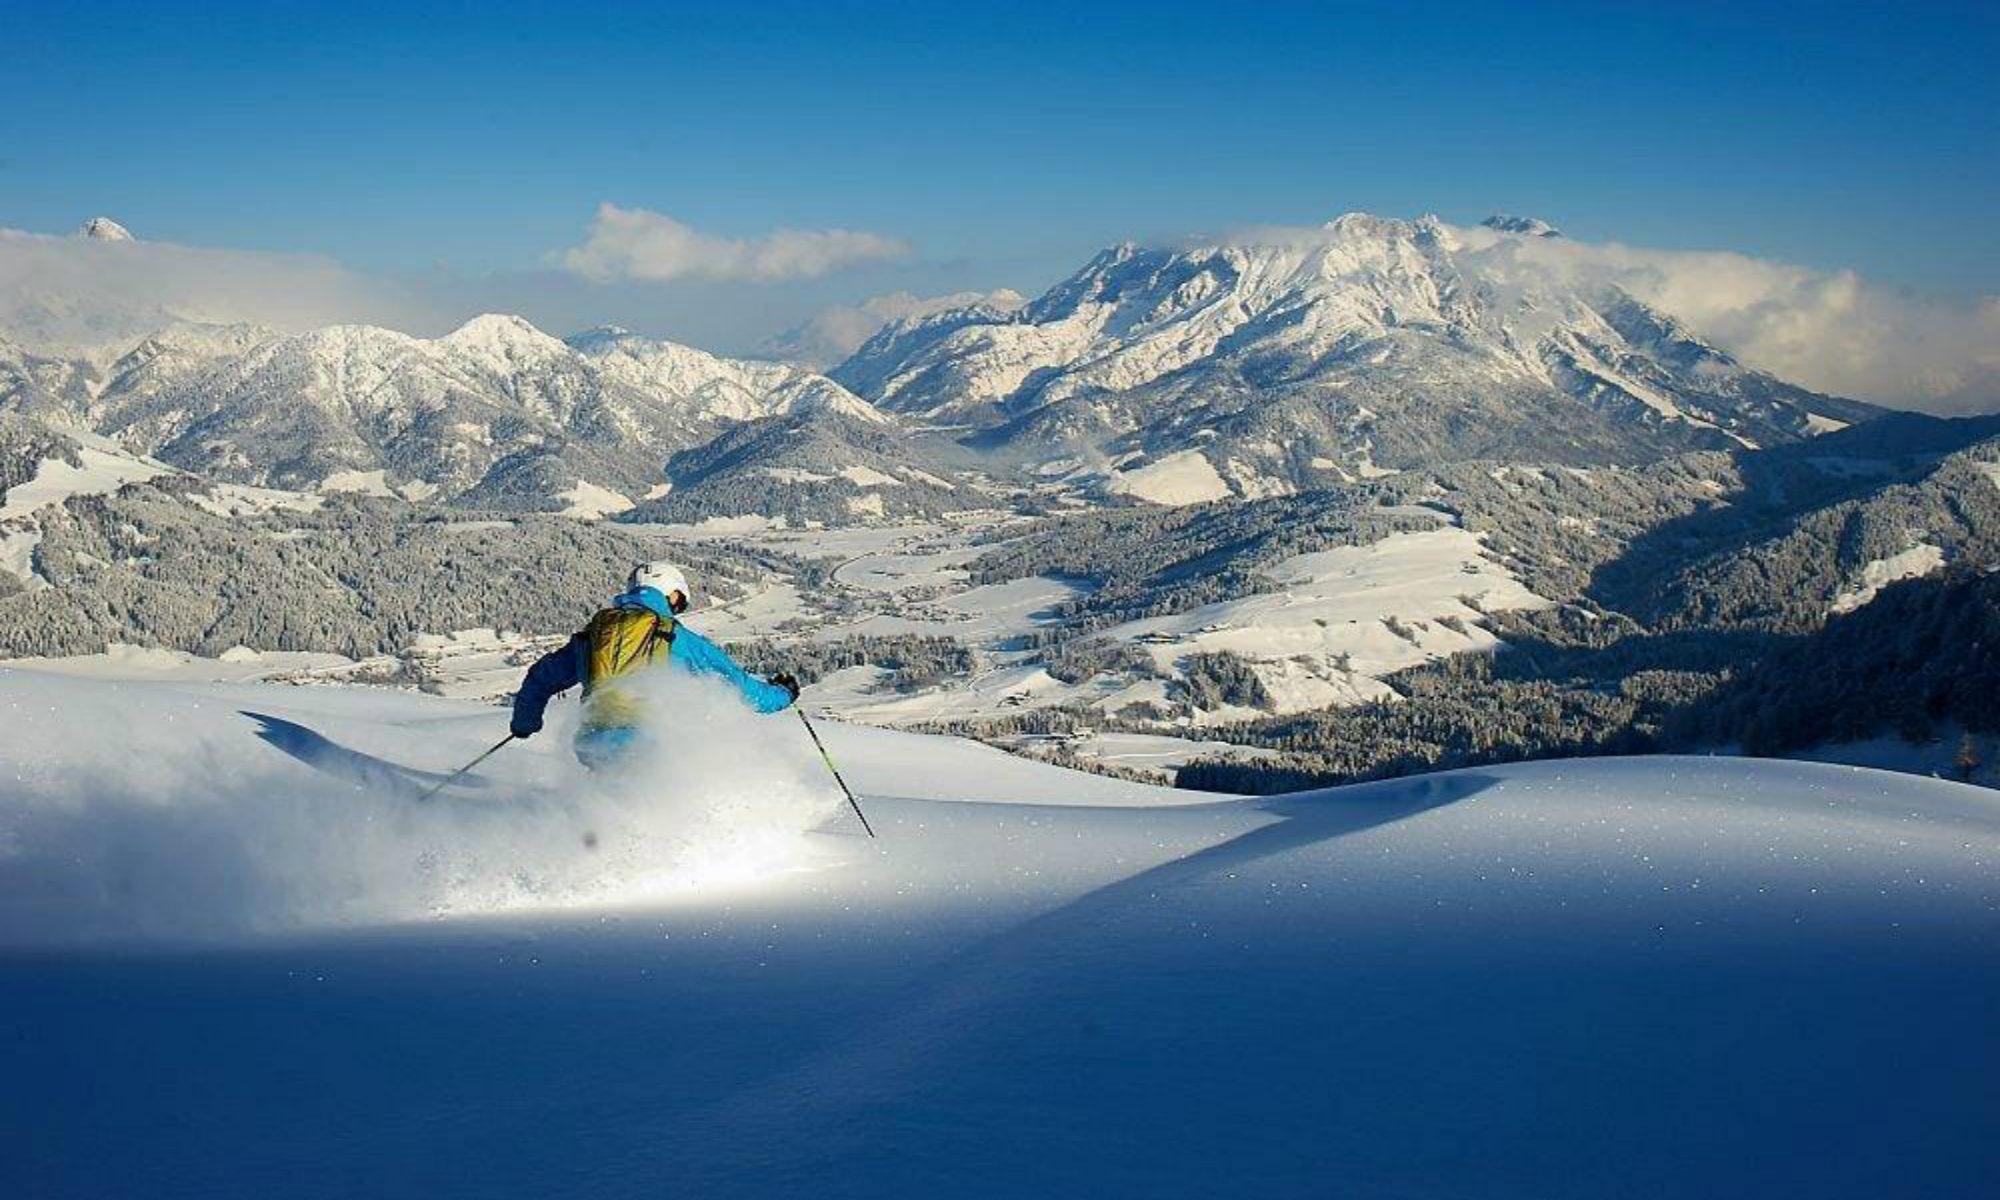 Een skiër geniet van de verse sneeuw in het skigebied van Fieberbrunn.